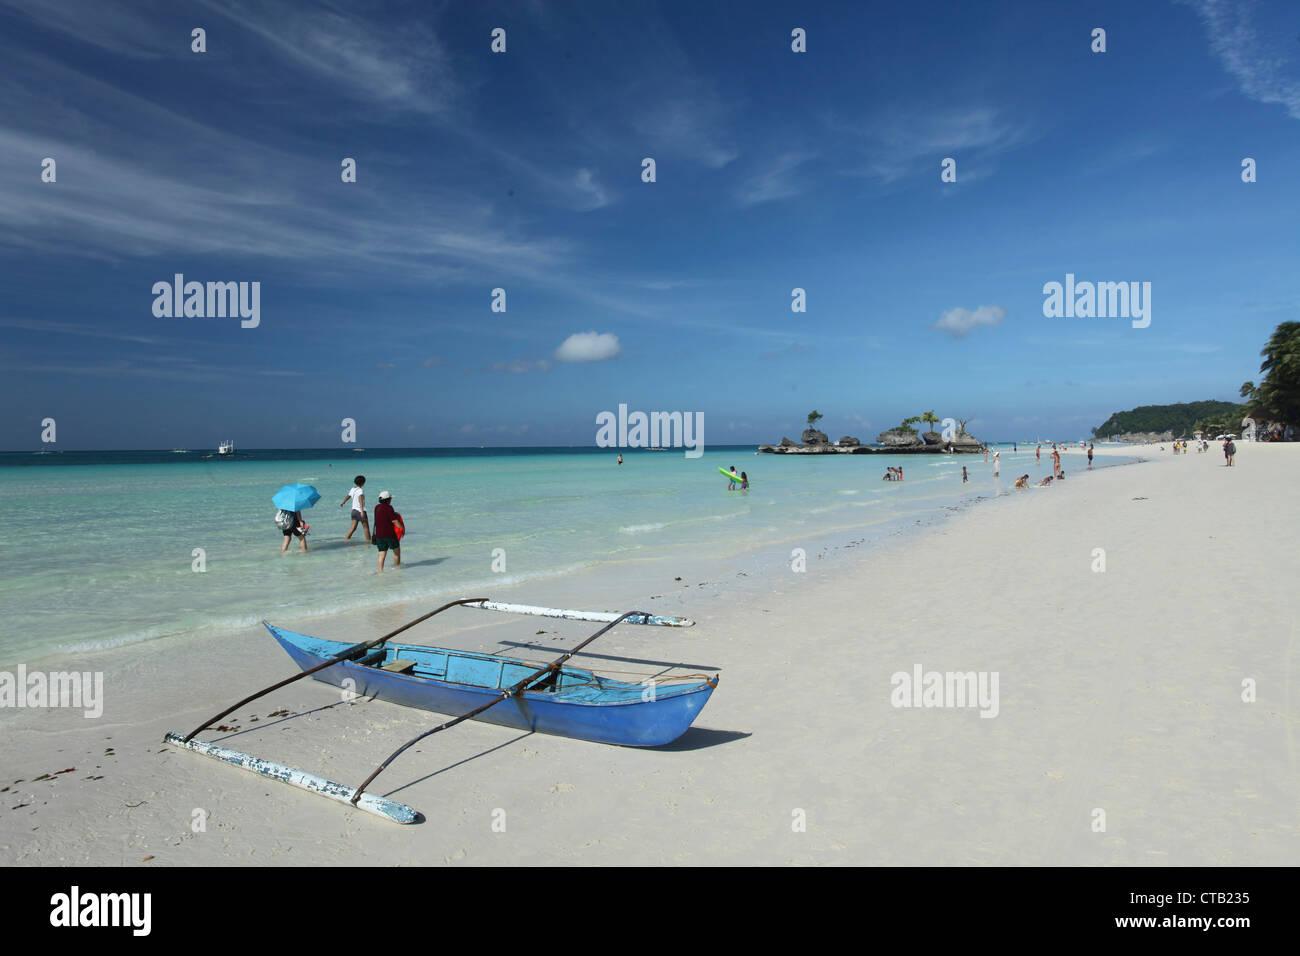 White Beach avec bateau de pêche, Boracay, île de Panay, Visayas, Philippines Photo Stock